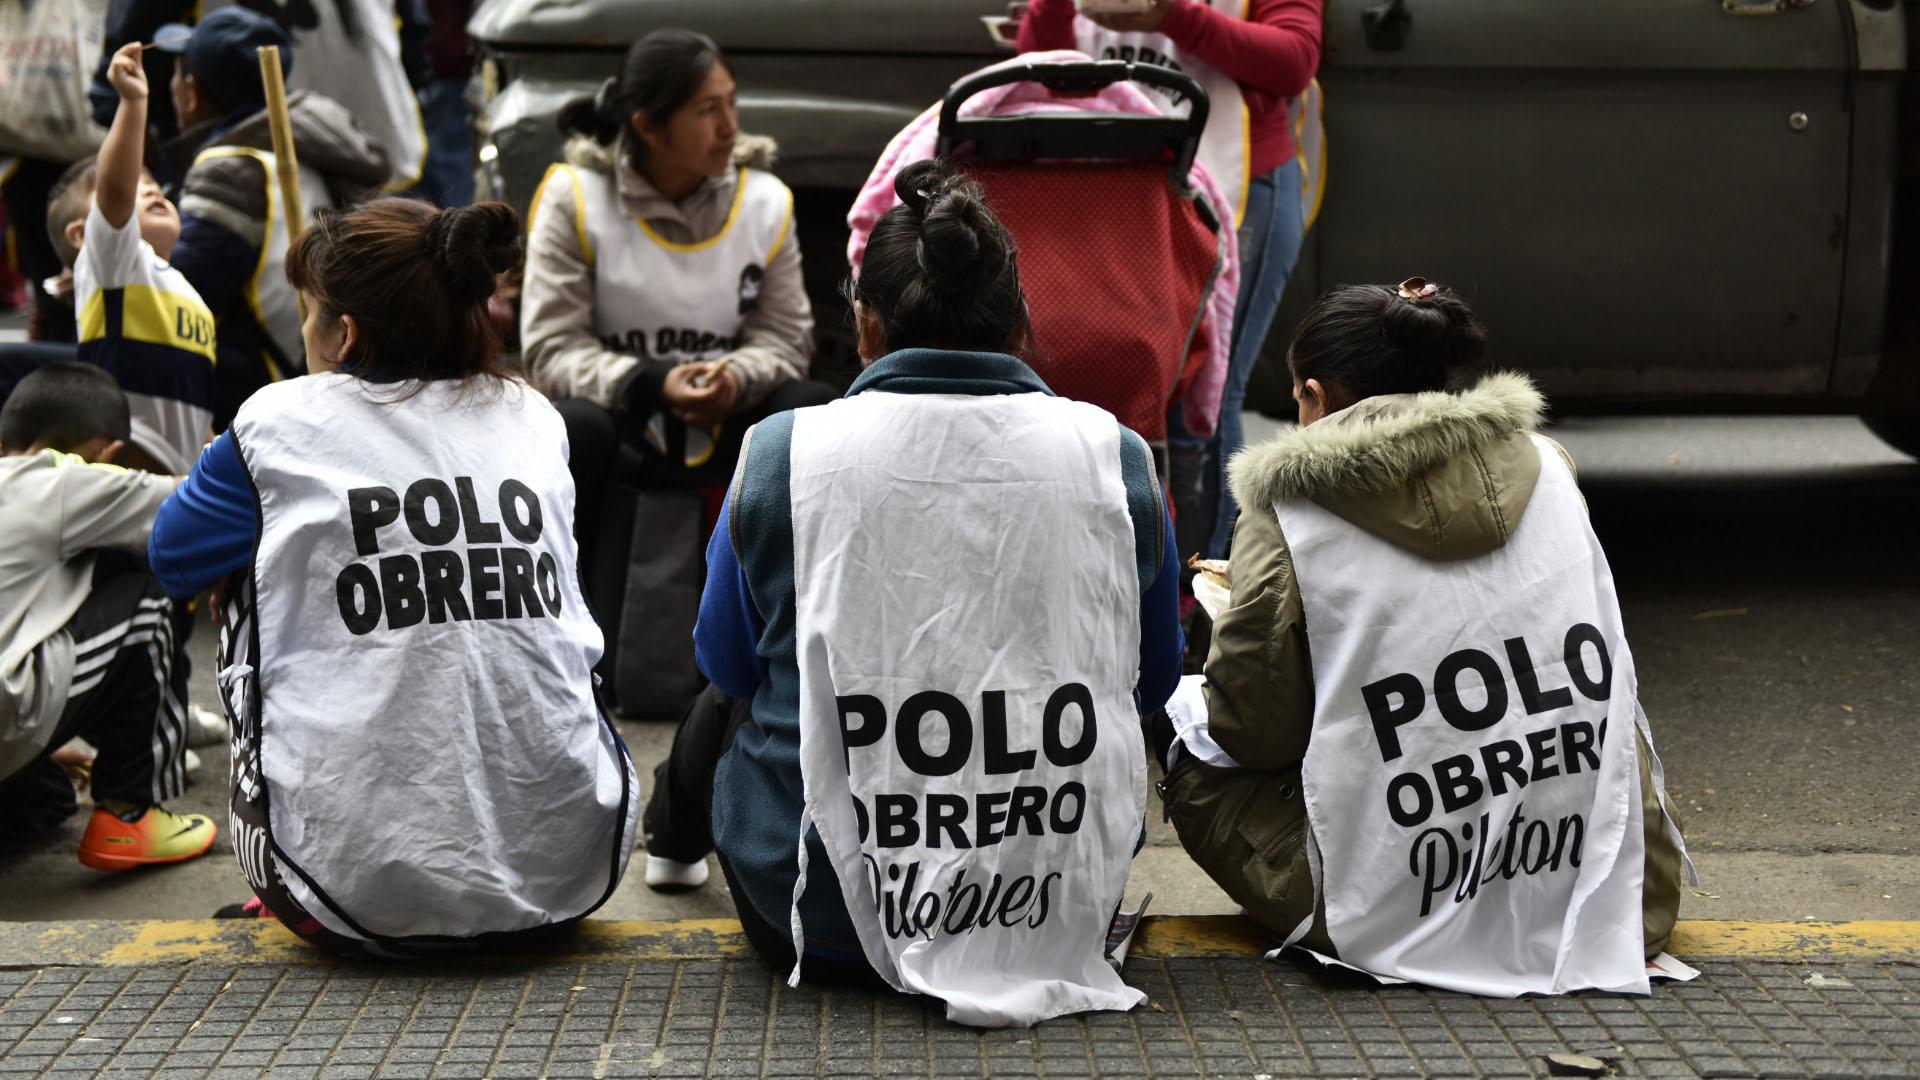 Militantes del Polo Obrero durante uno de los actos